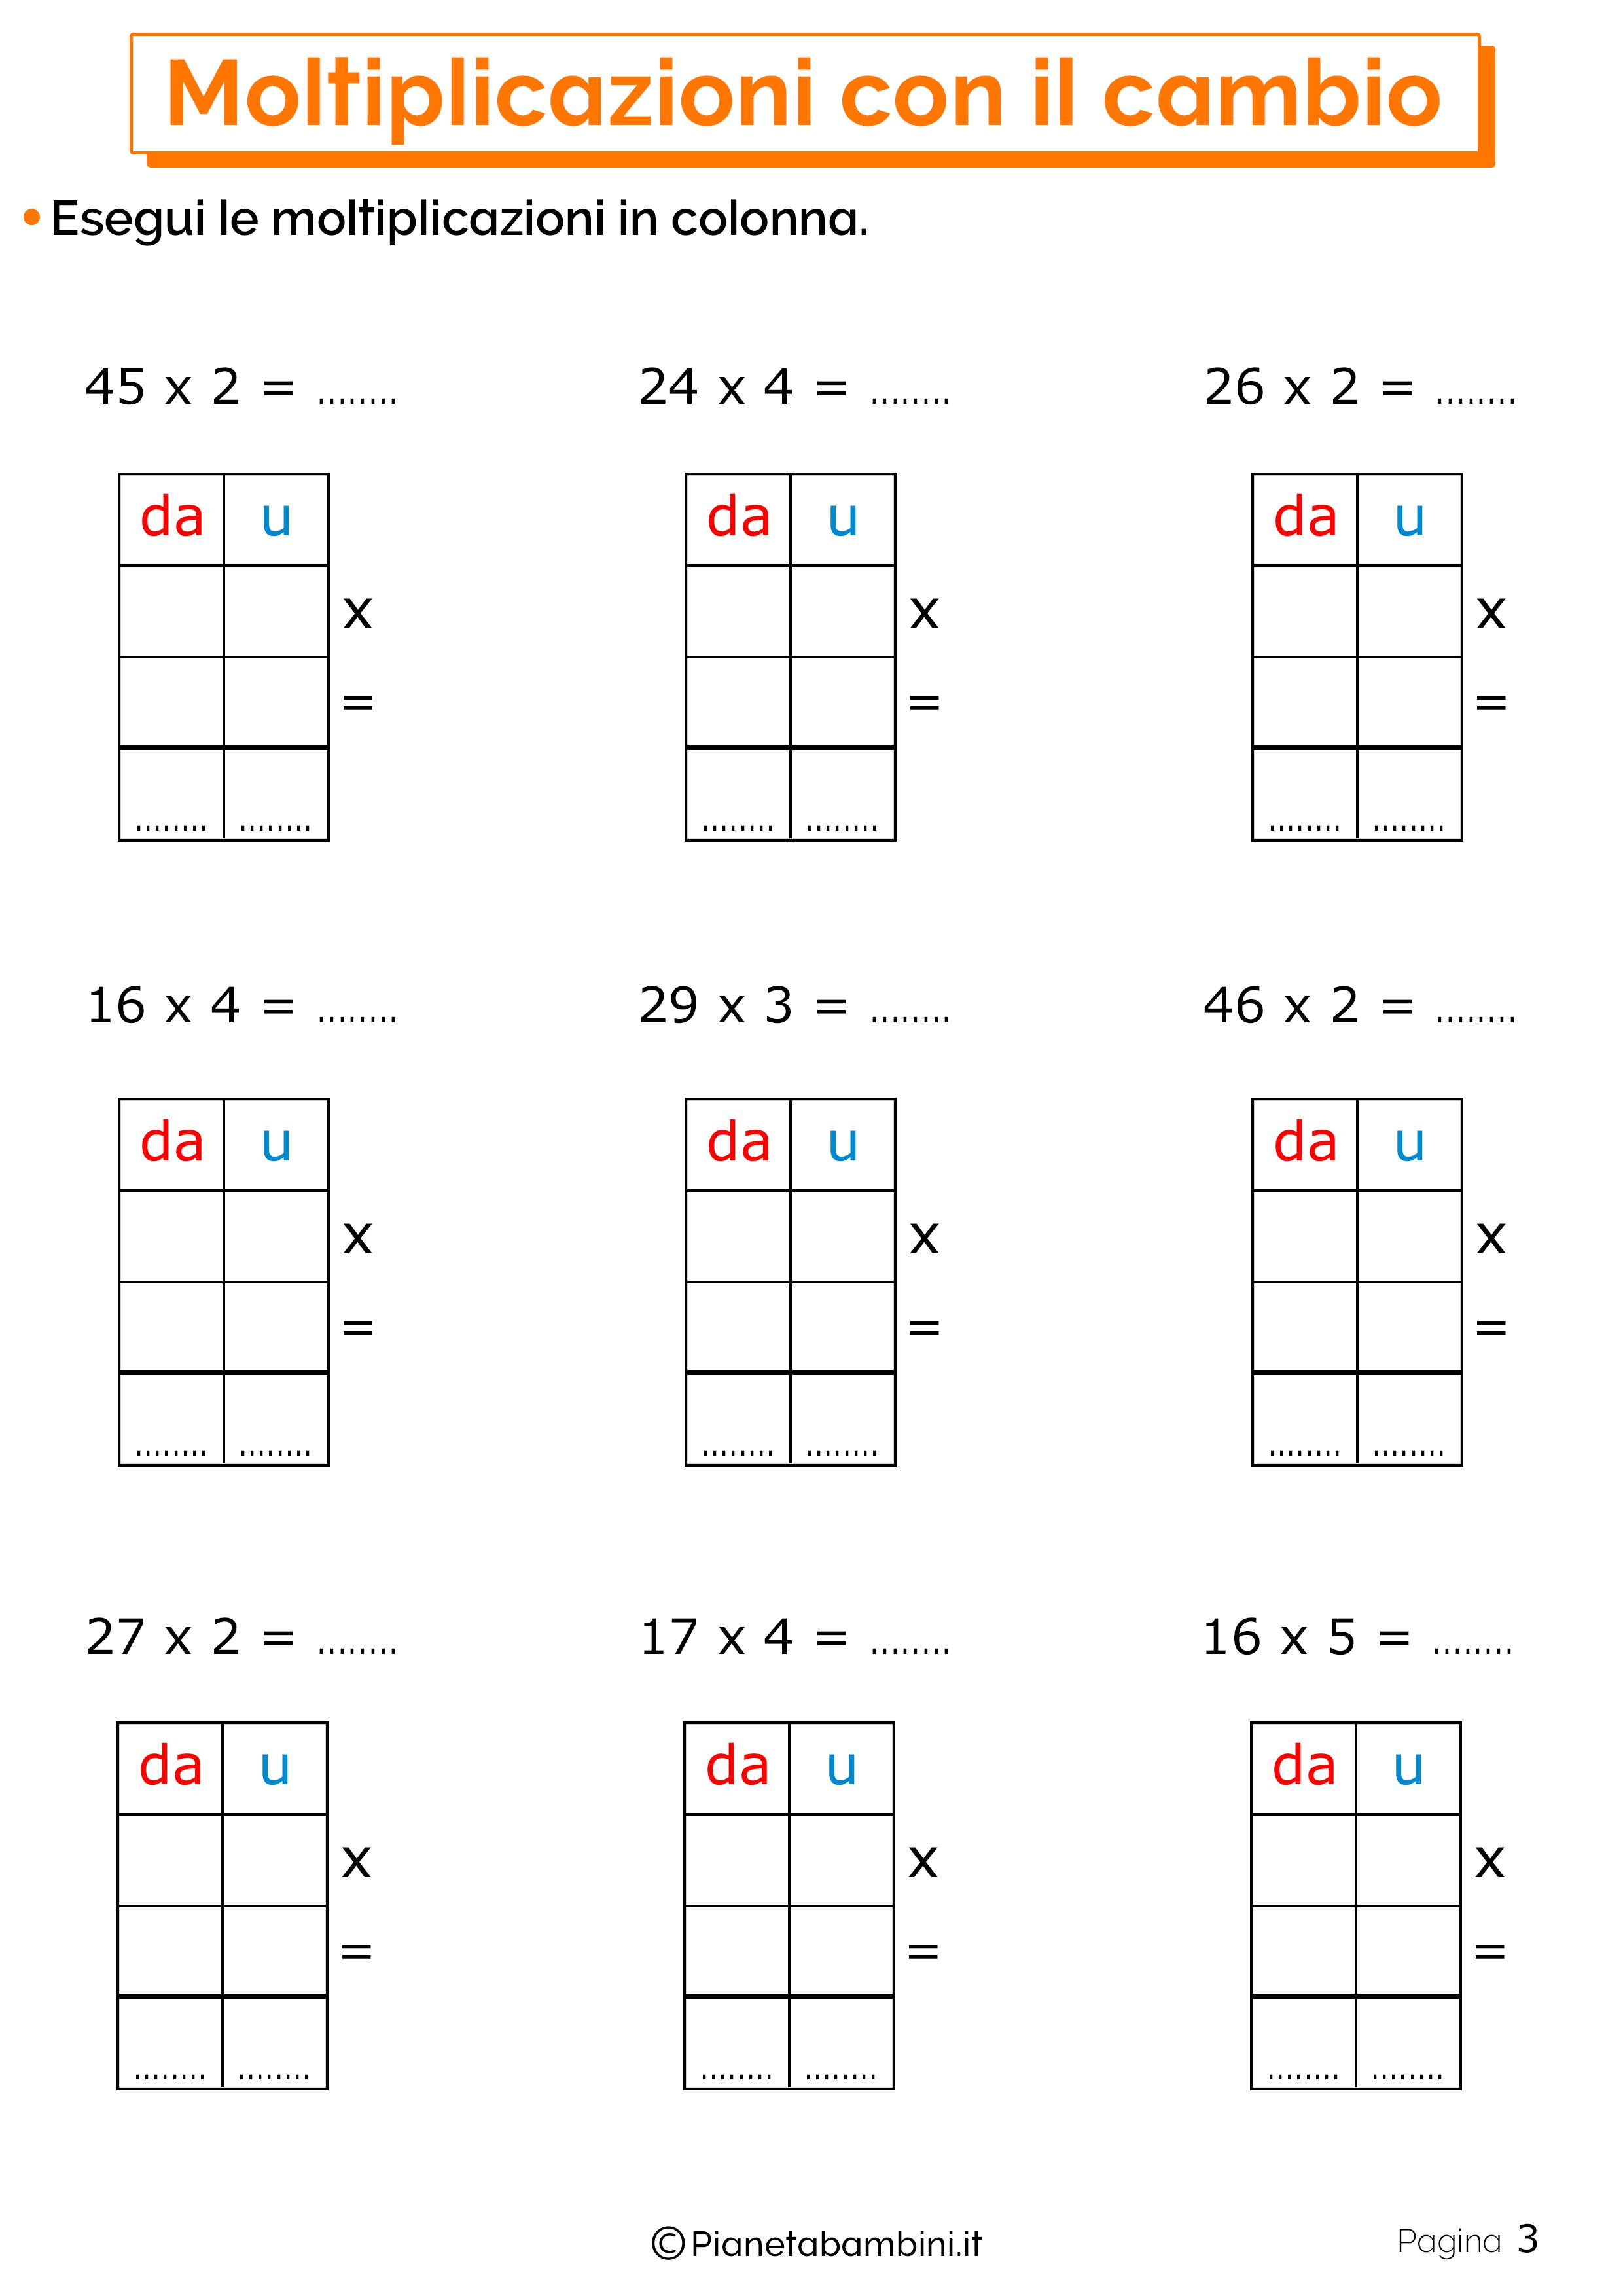 Schede didattiche sulle moltiplicazioni con il cambio 3